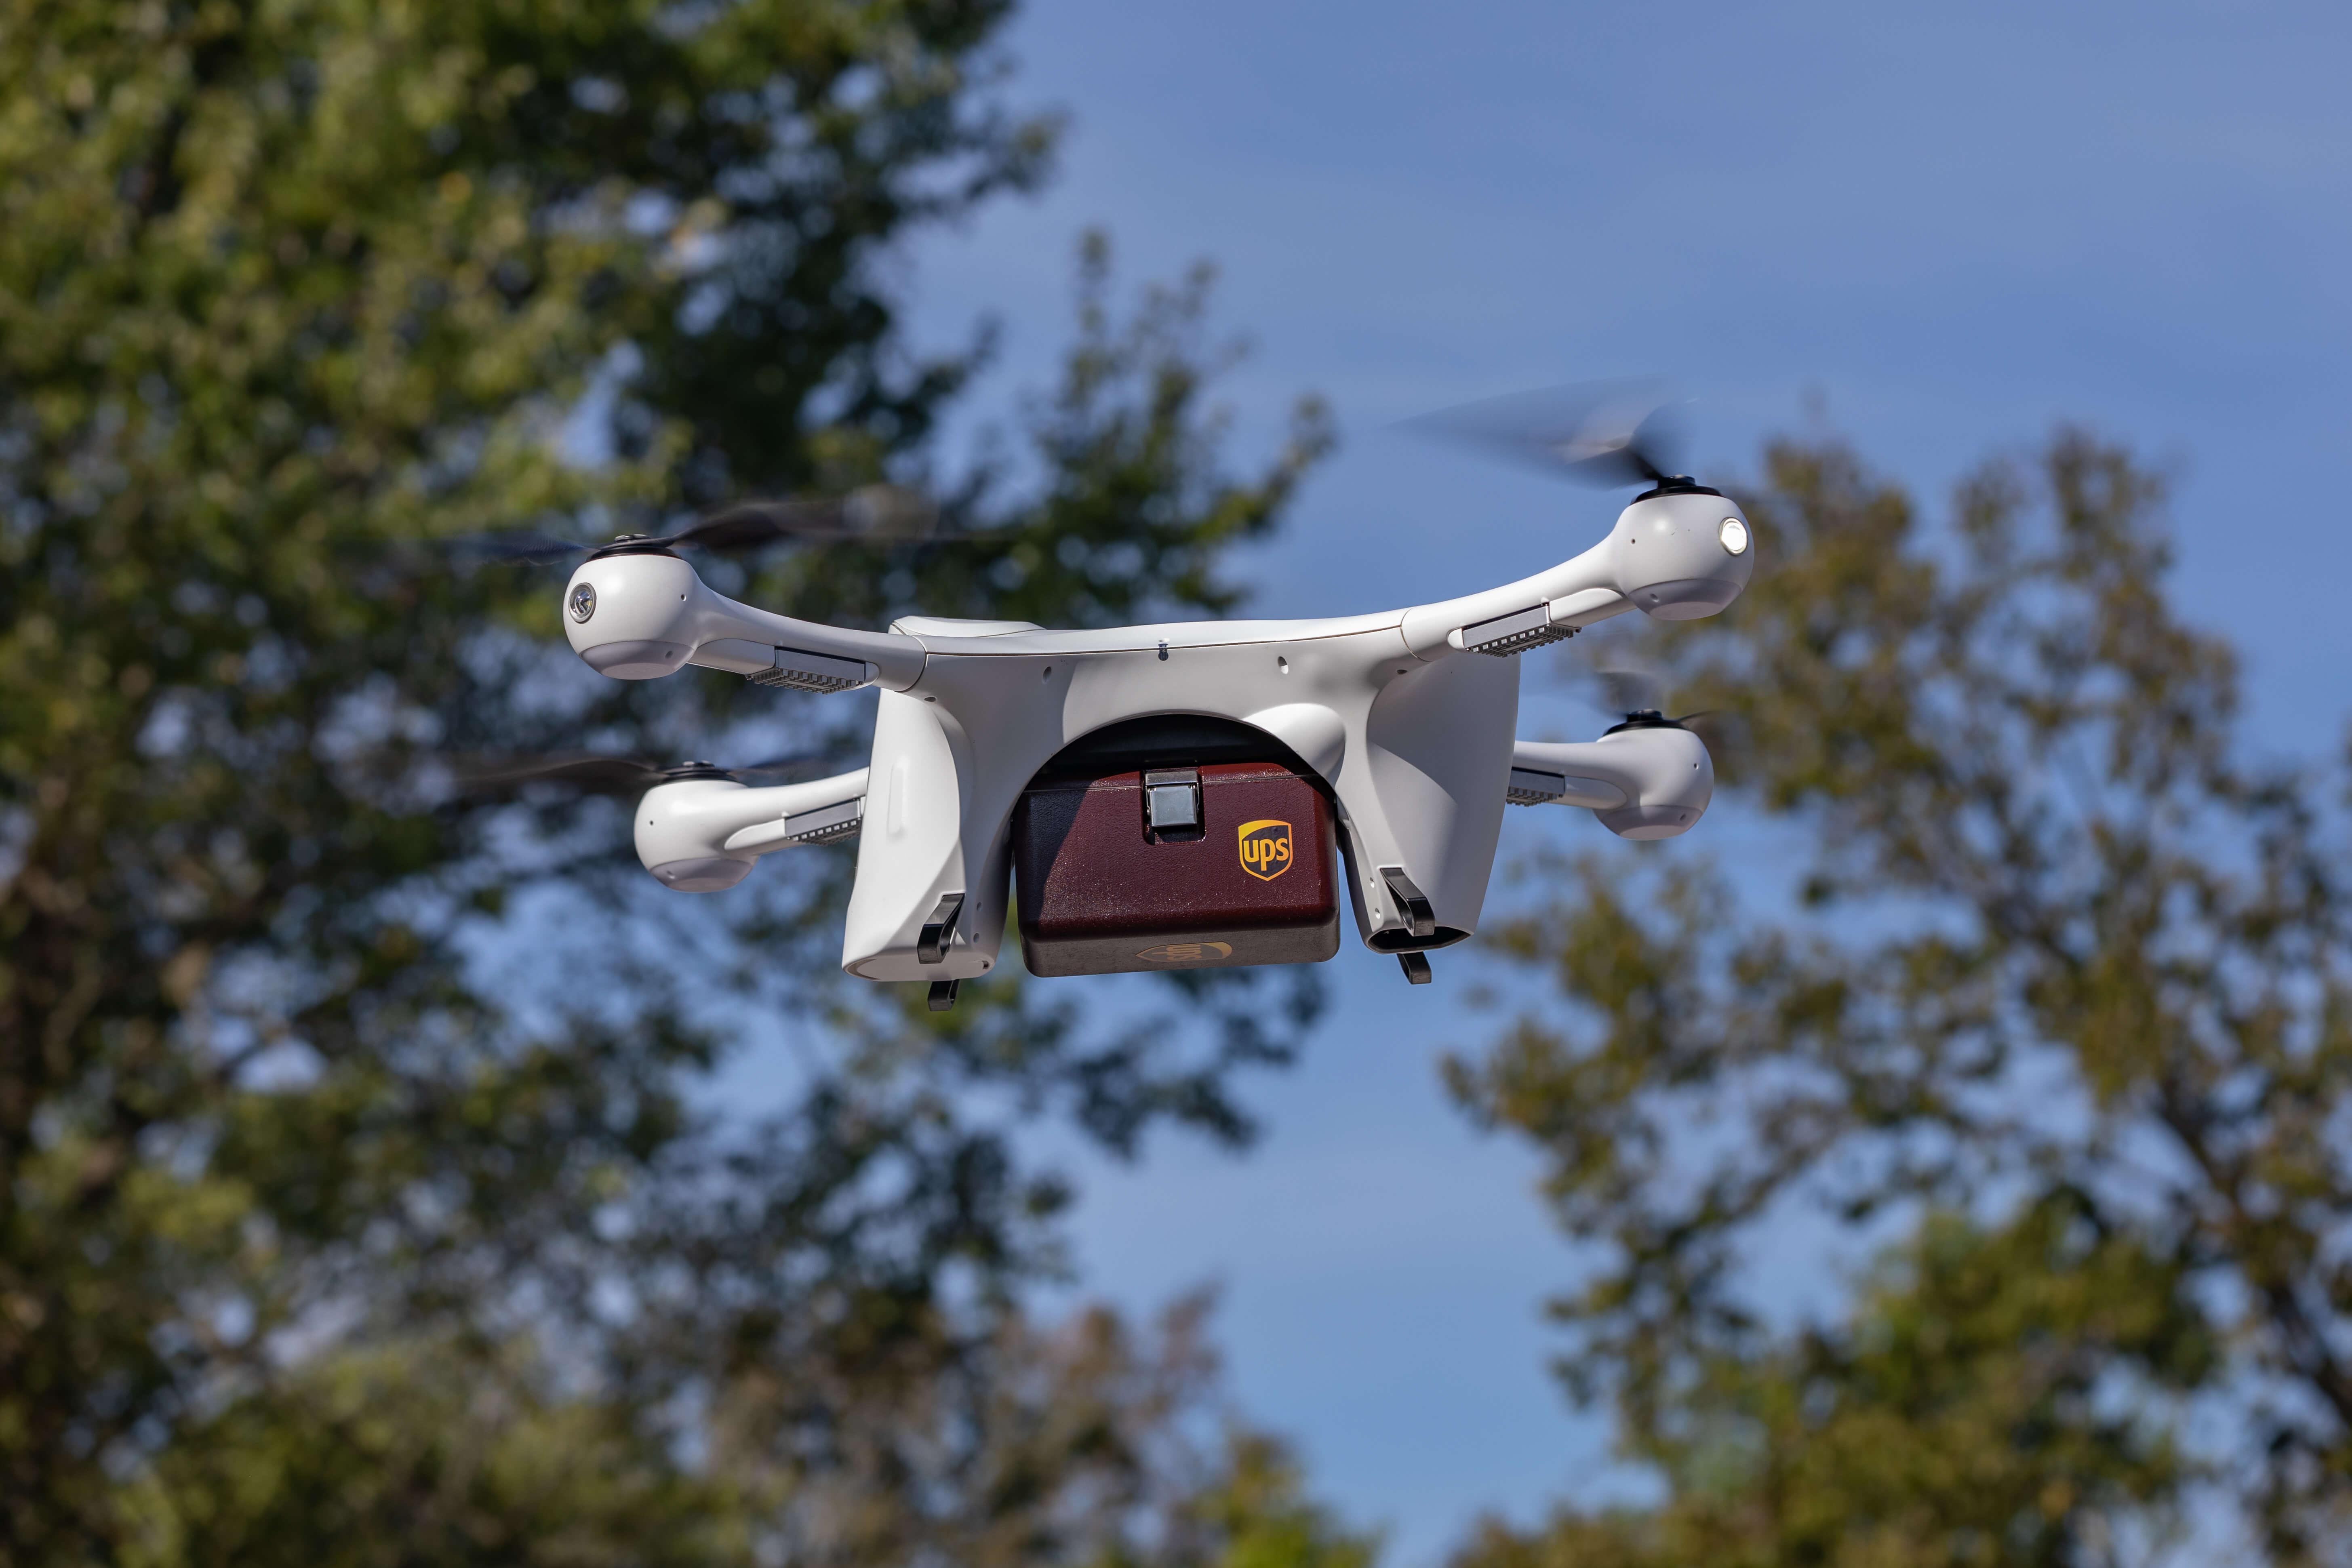 Niner niner, we have our first drone airliner UPS